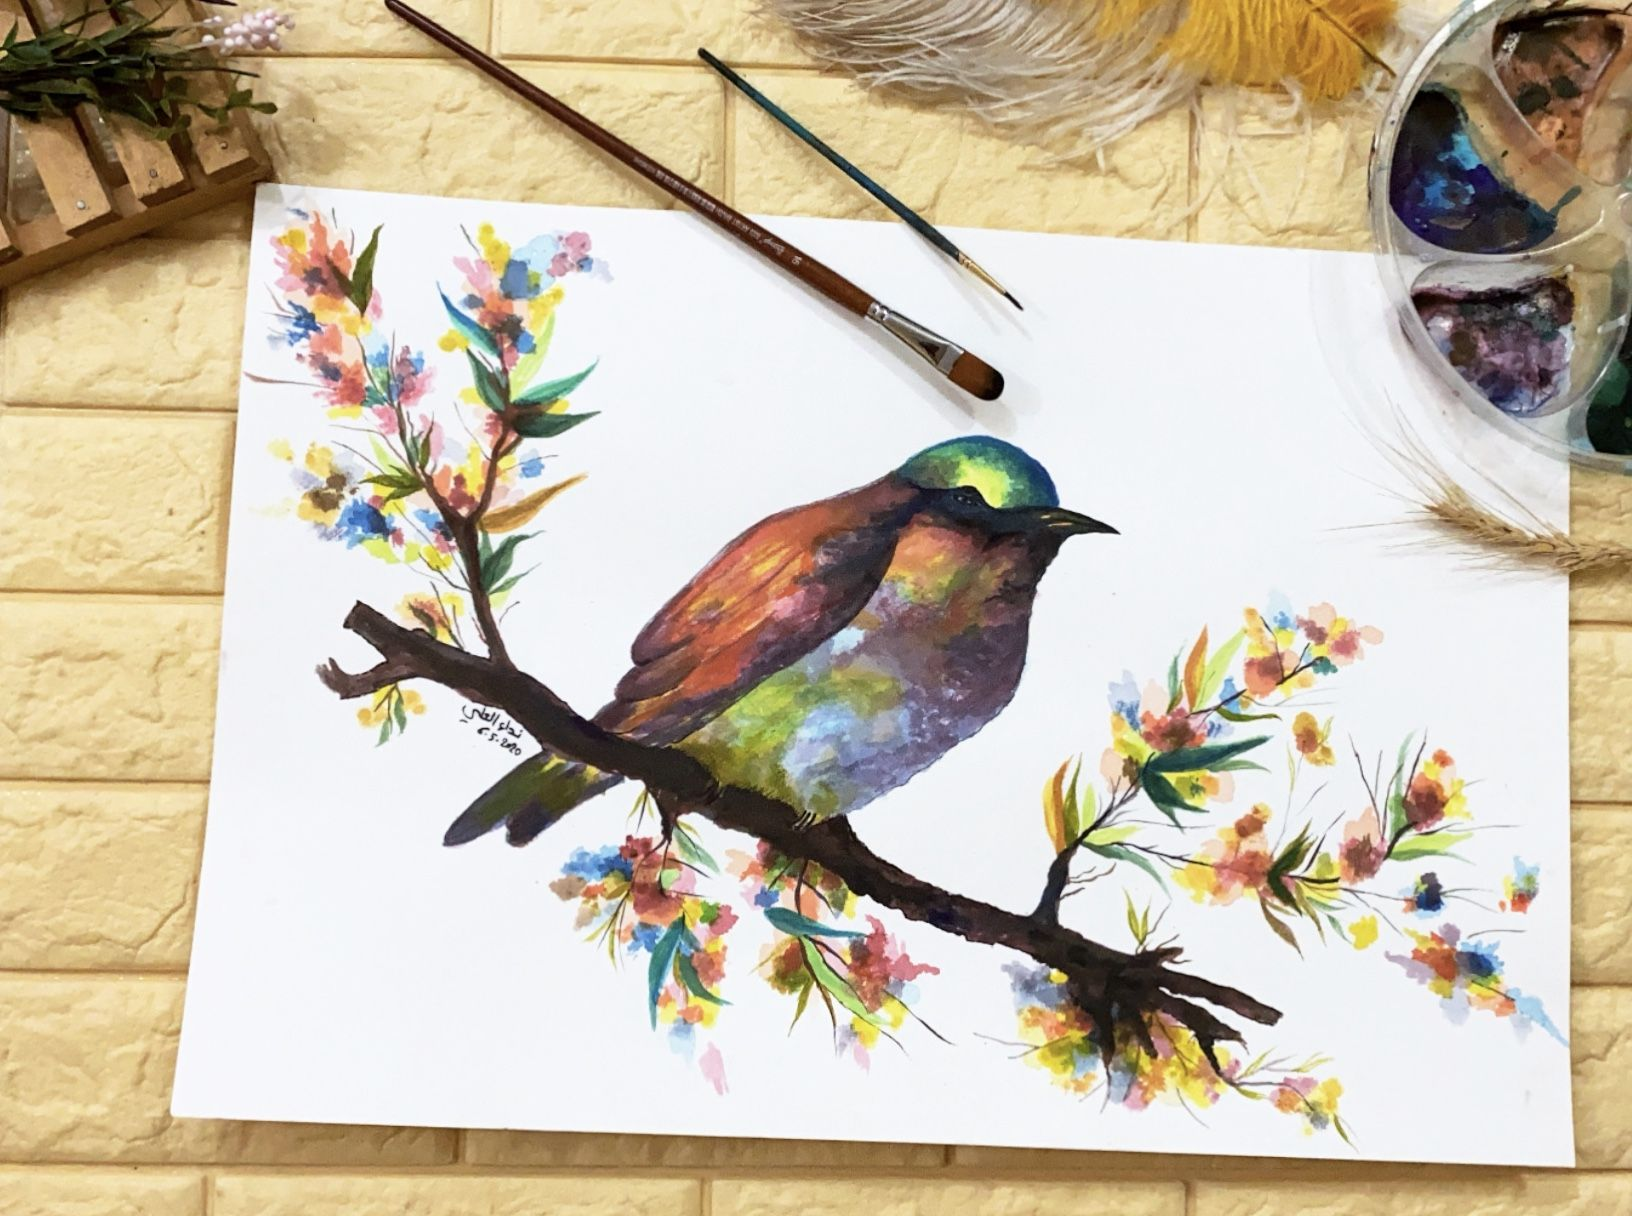 سكيج رسم بالالوان المائية التشكيلية نداء العلي Painting Art